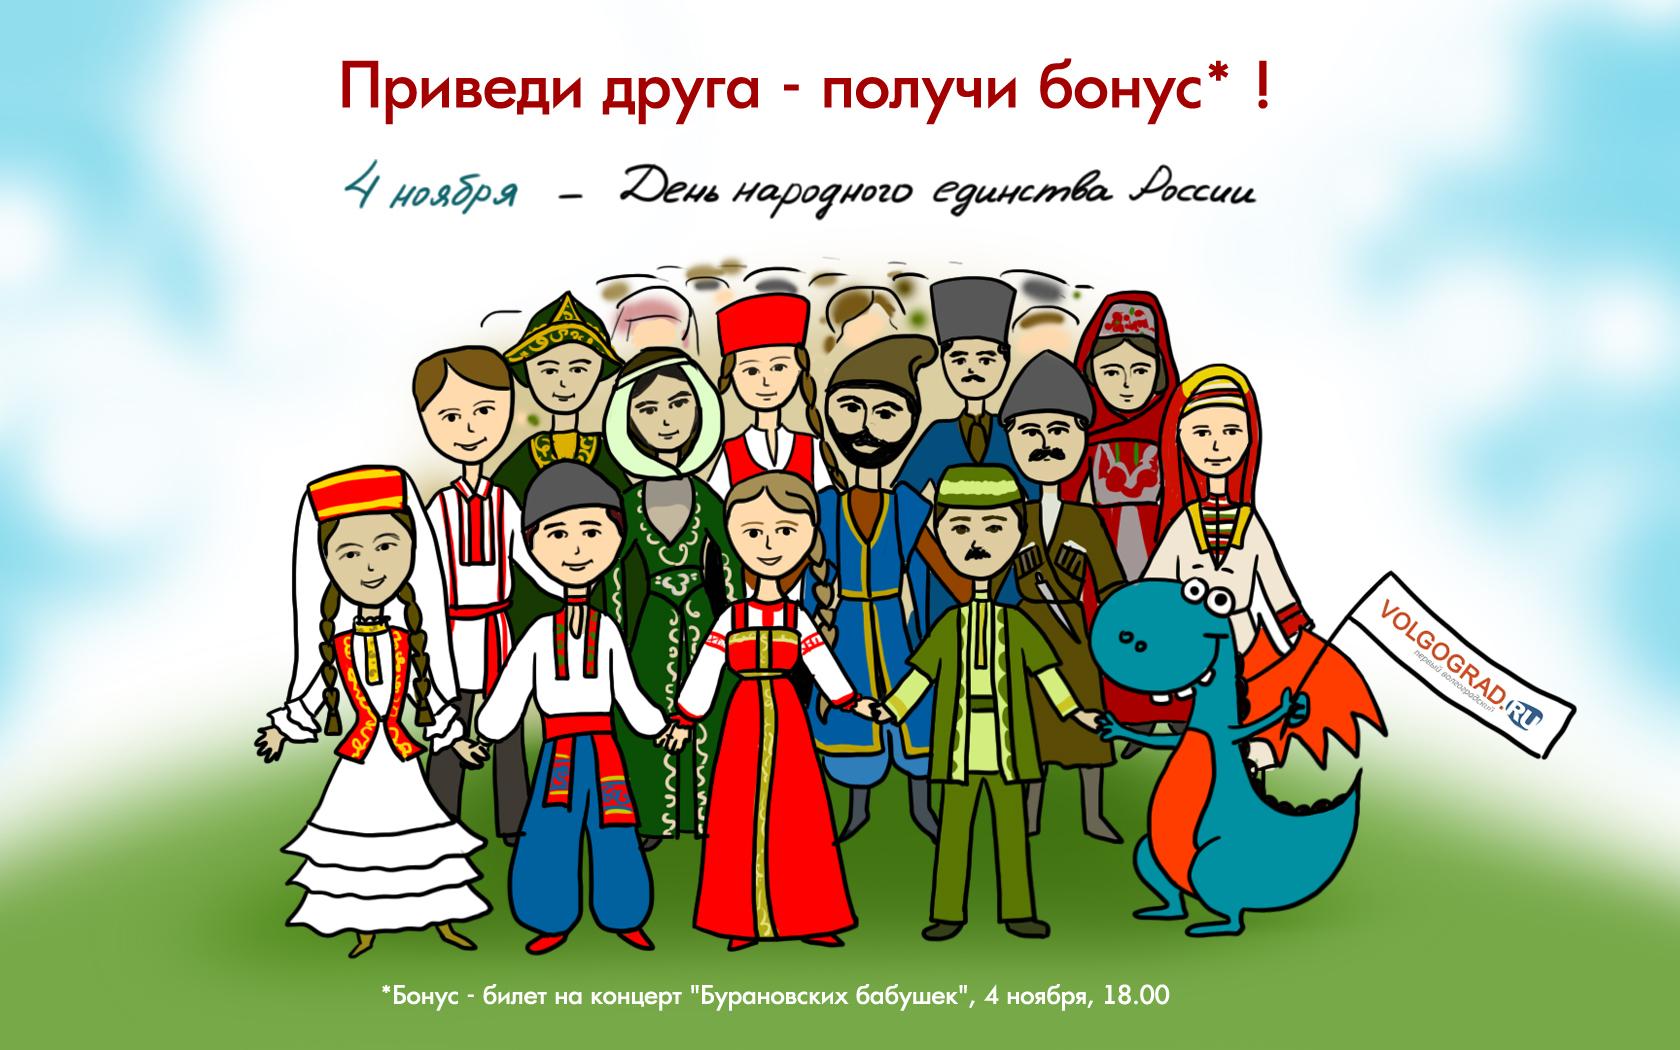 Прикольный поздравления с днем единства